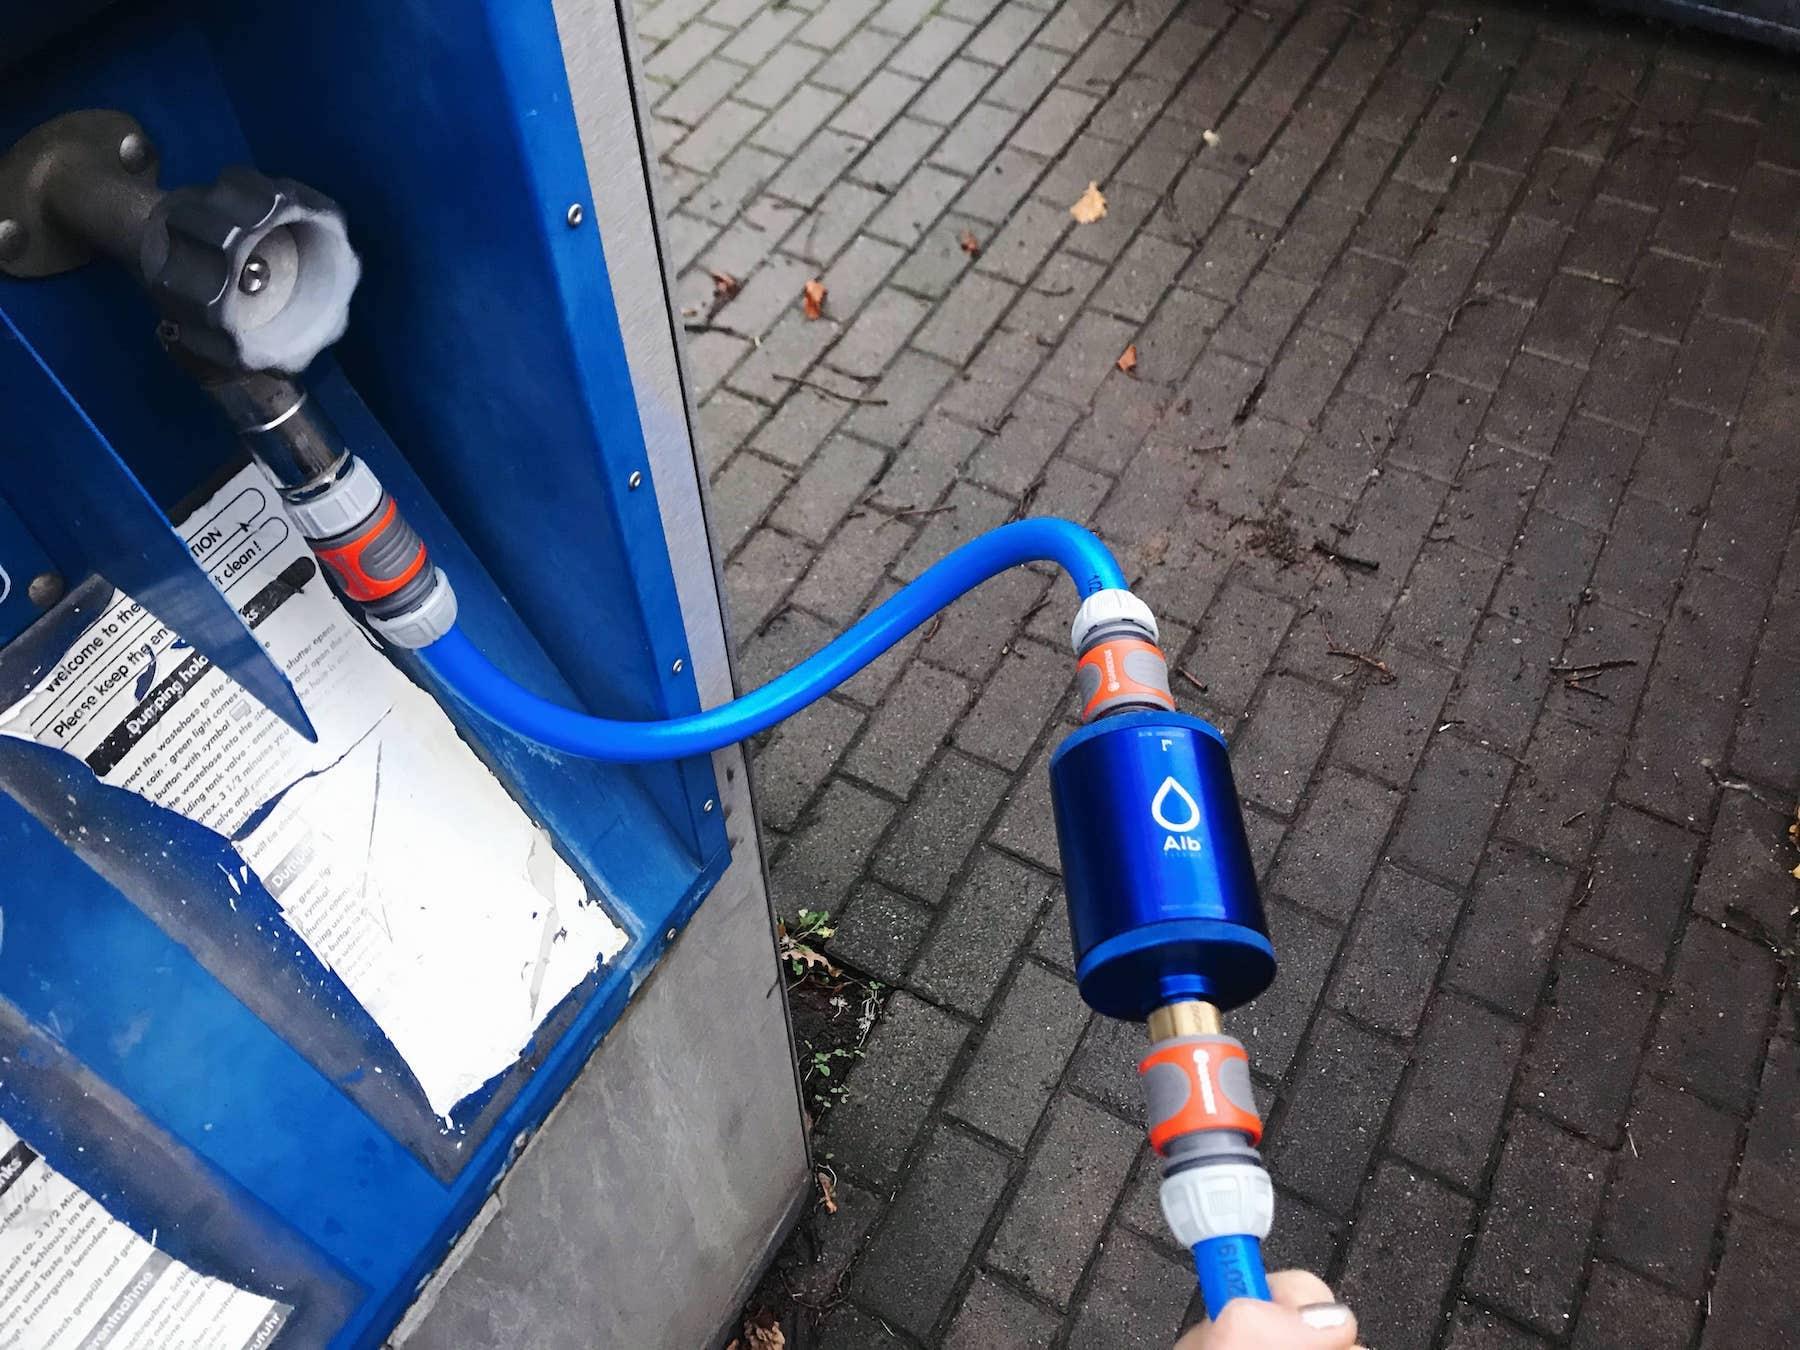 Wasserfilter für Wohnmobil und Wohnwagen von Alb